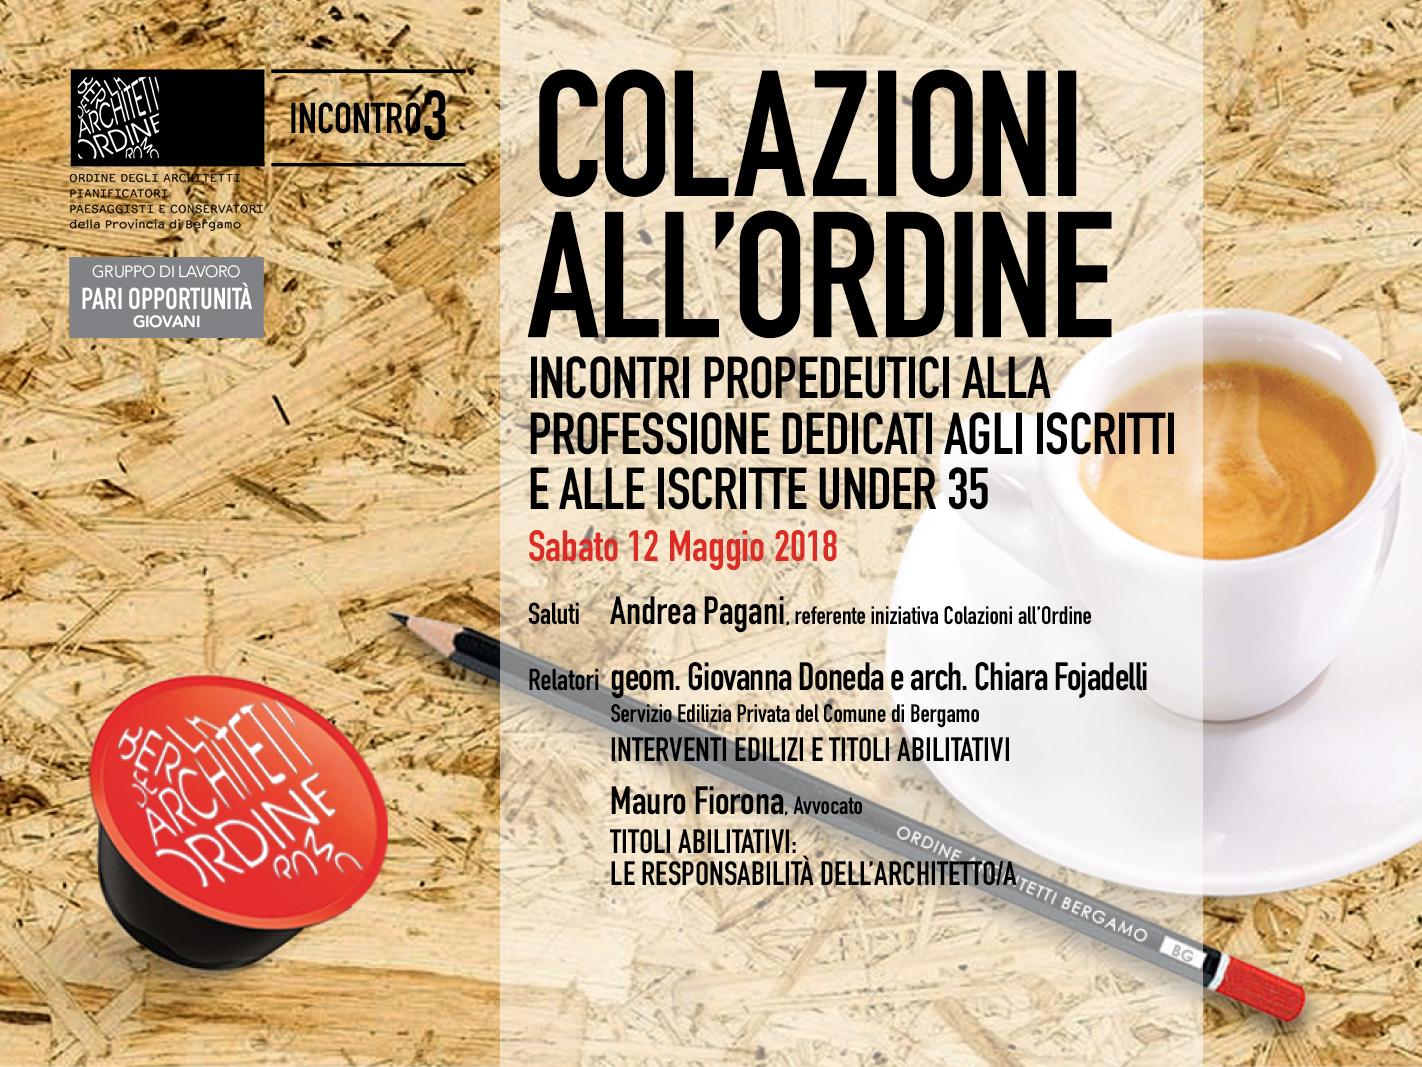 OAB_Colazioni_12_Maggio_slide_2